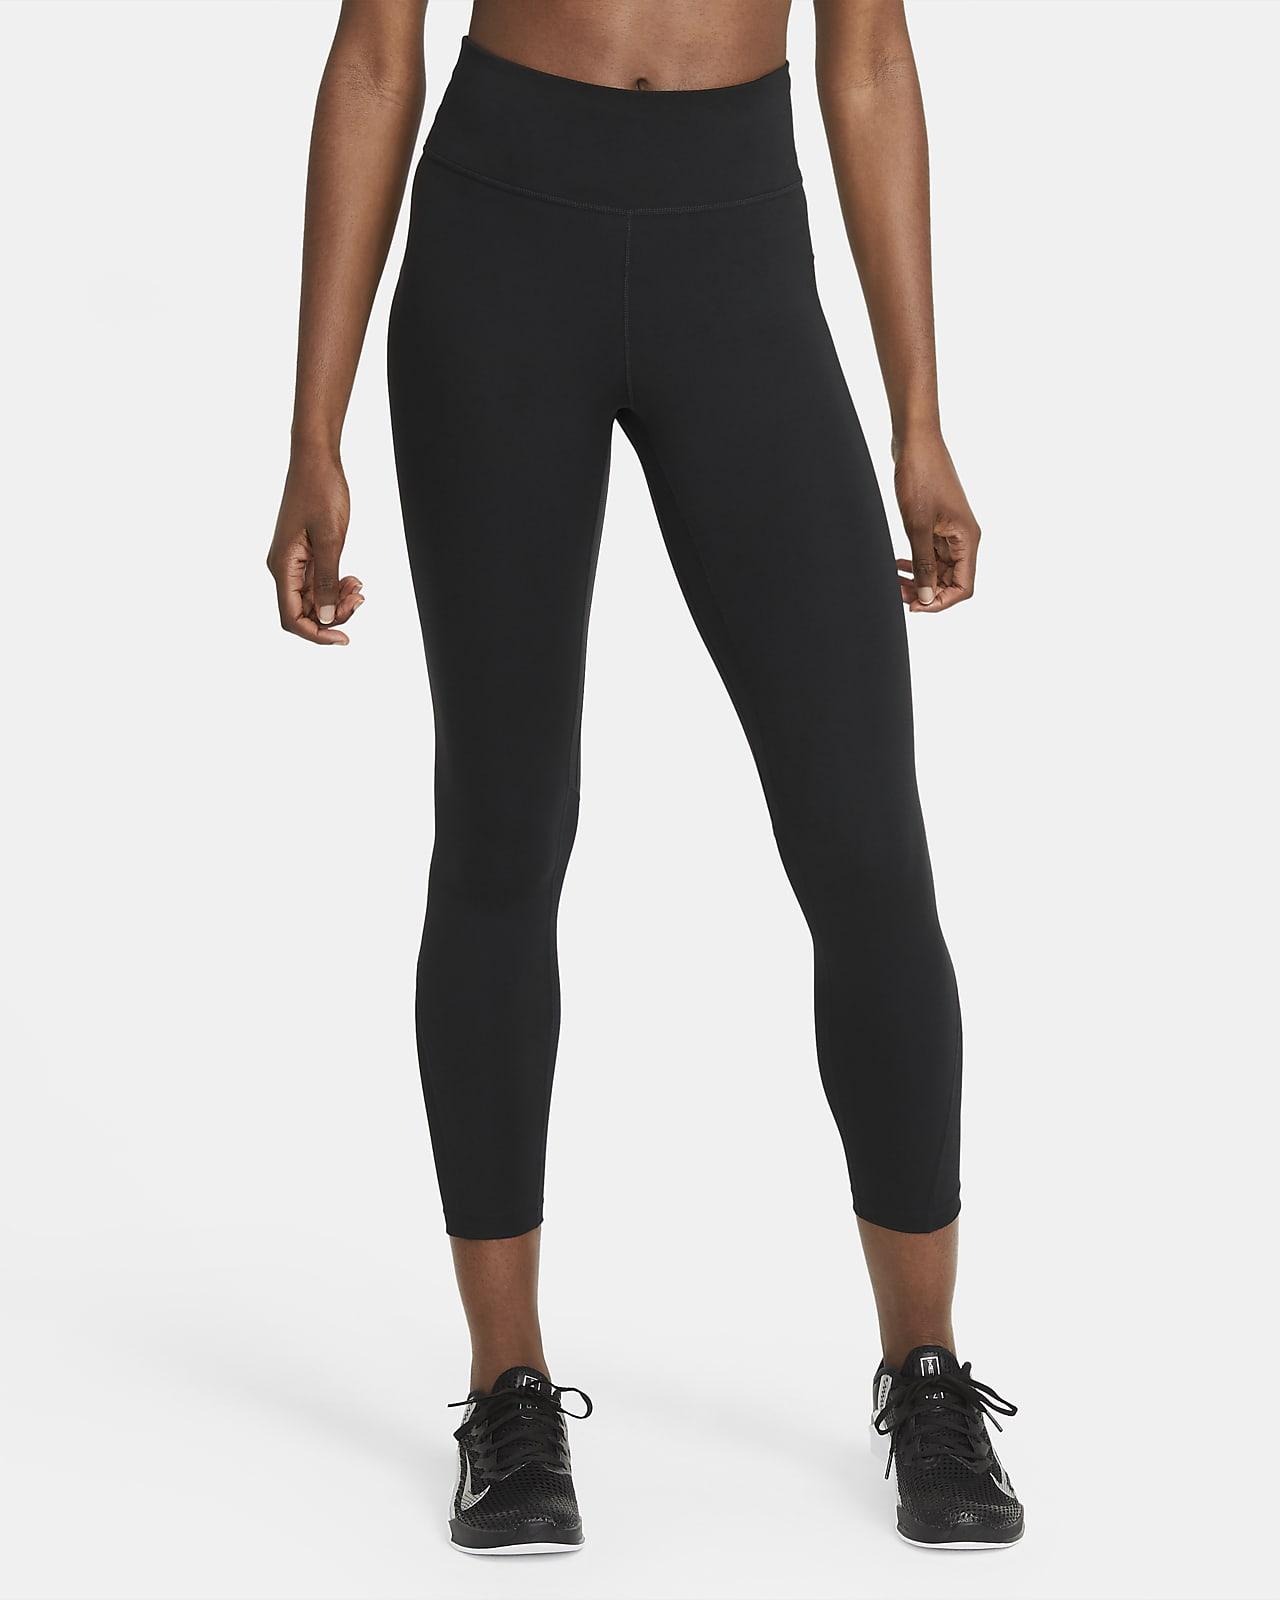 Nike One Leggings de 7/8 de talle medio - Mujer